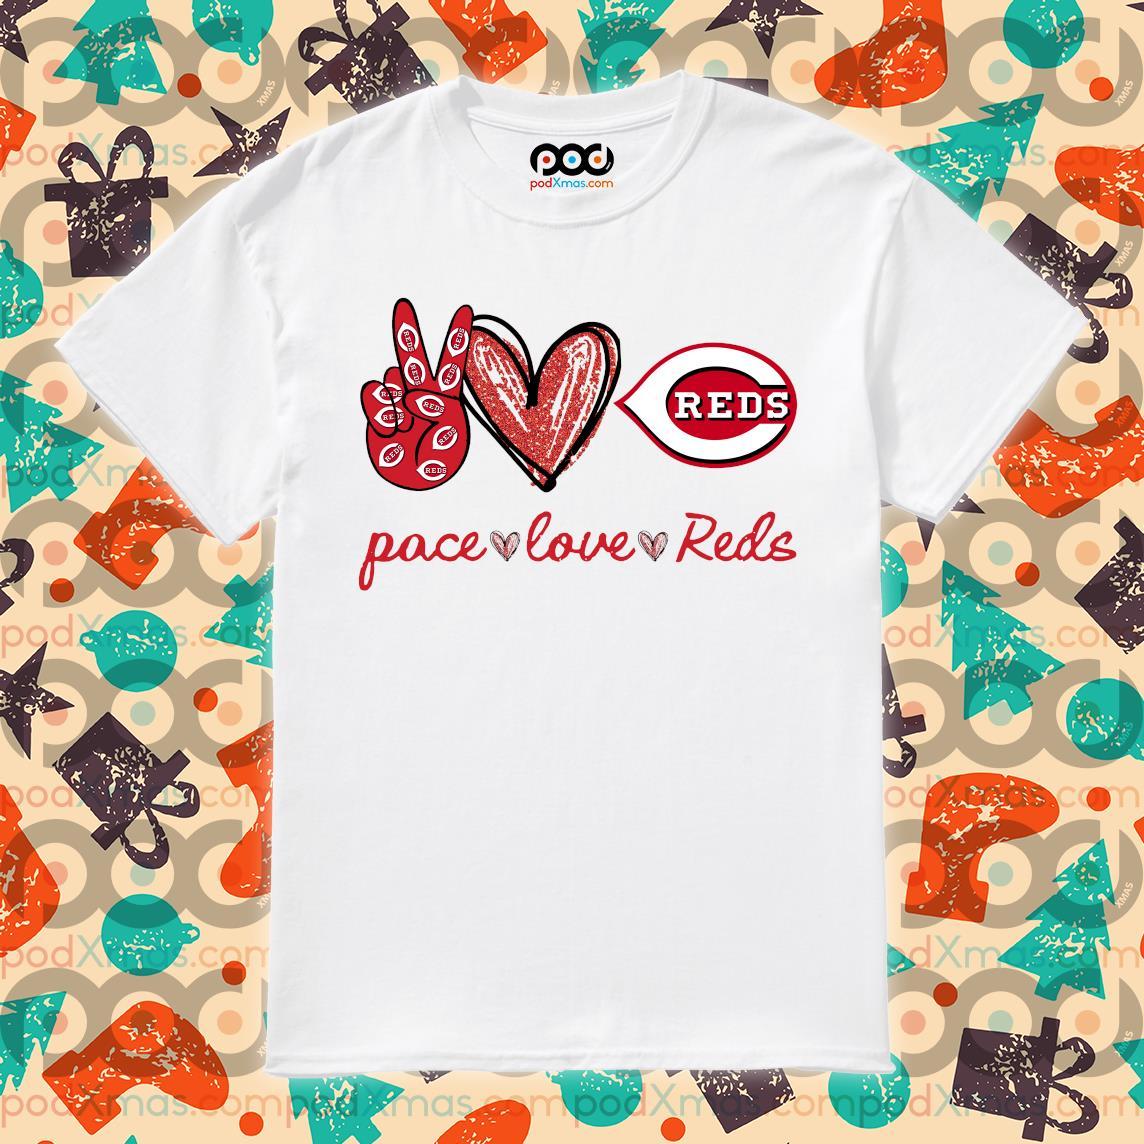 Peace love Cincinnati Reds shirt